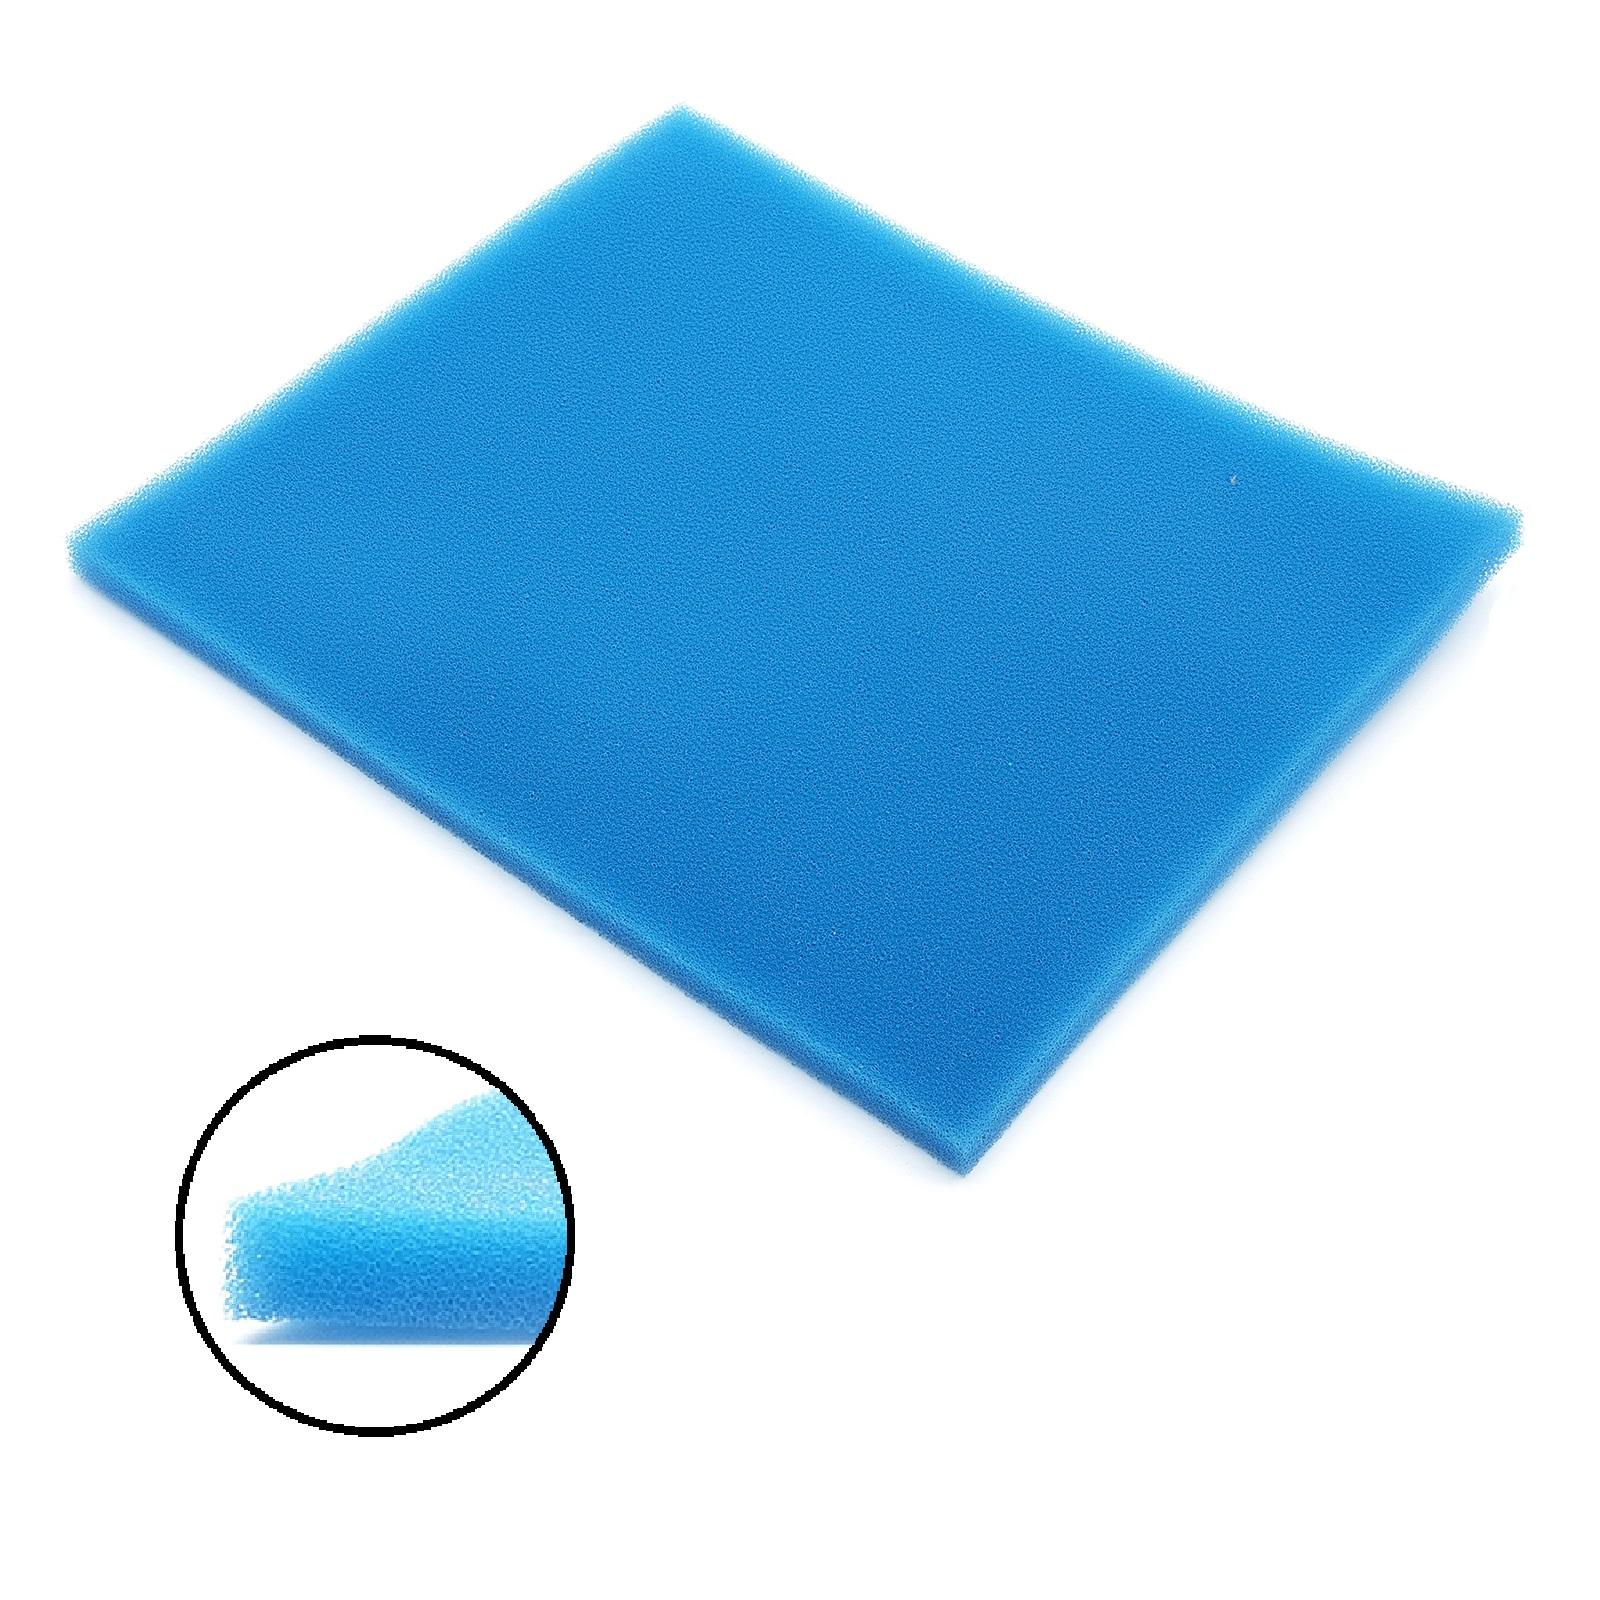 Comment Nettoyer Des Coussins De Caravane détails sur mousse Éponge feuille coussin bleu 30cm x 25cm art & loisirs  créatifs coupe'